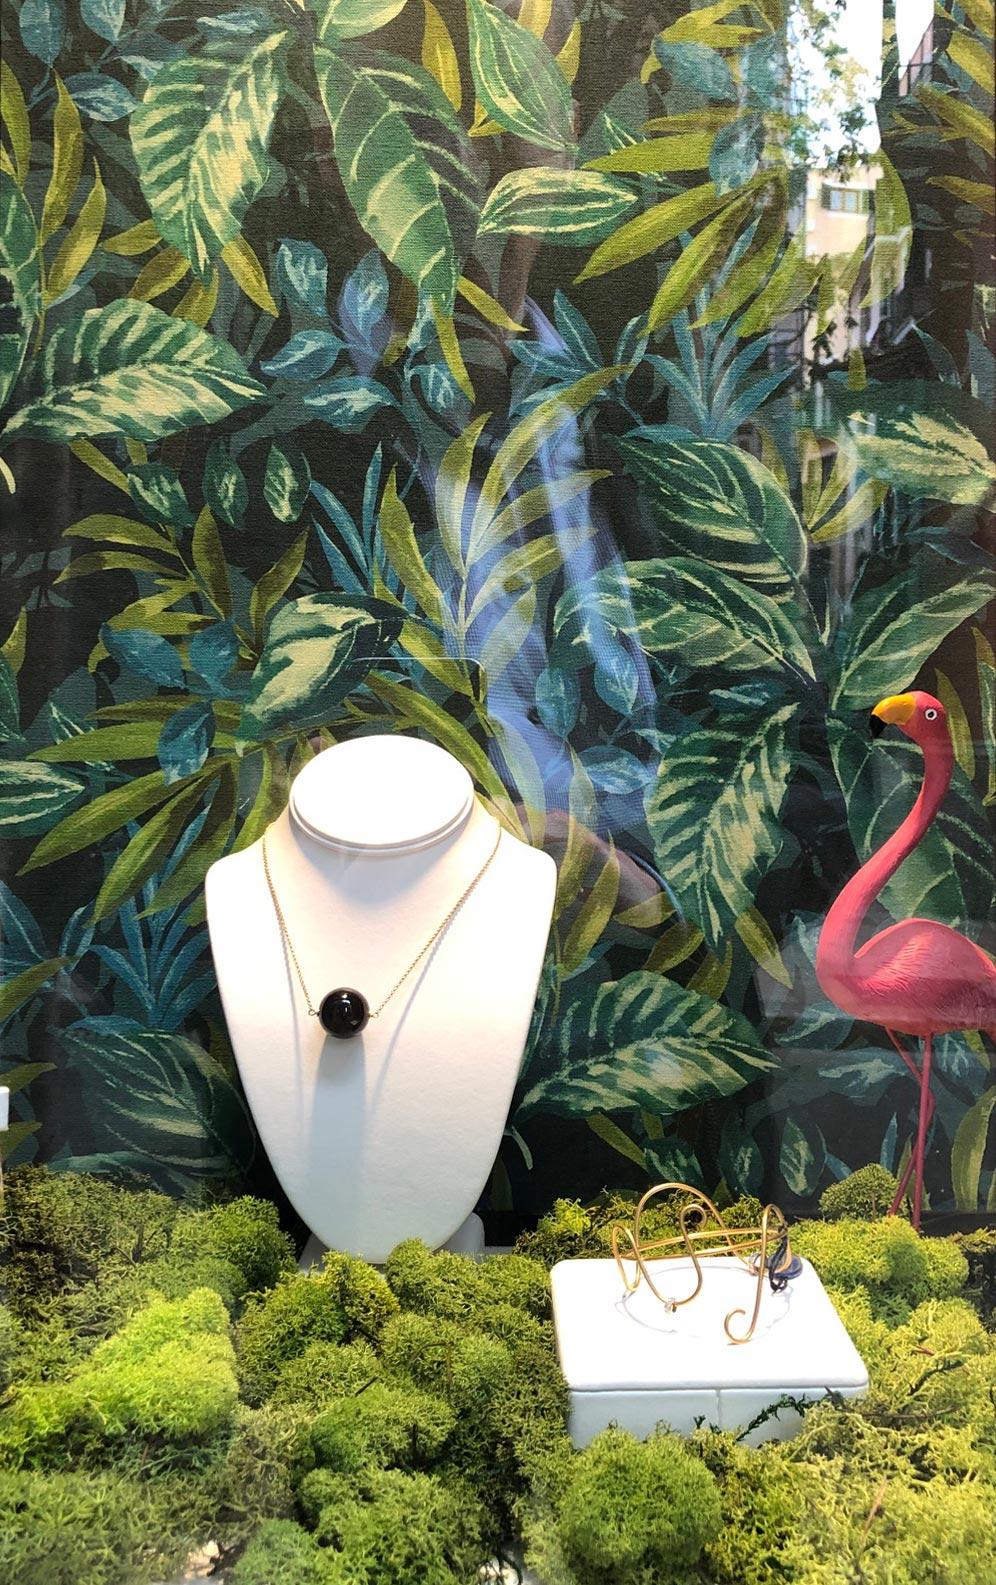 Schaufenster mit Schmuck und Urwalddekoration und einem Flamingo